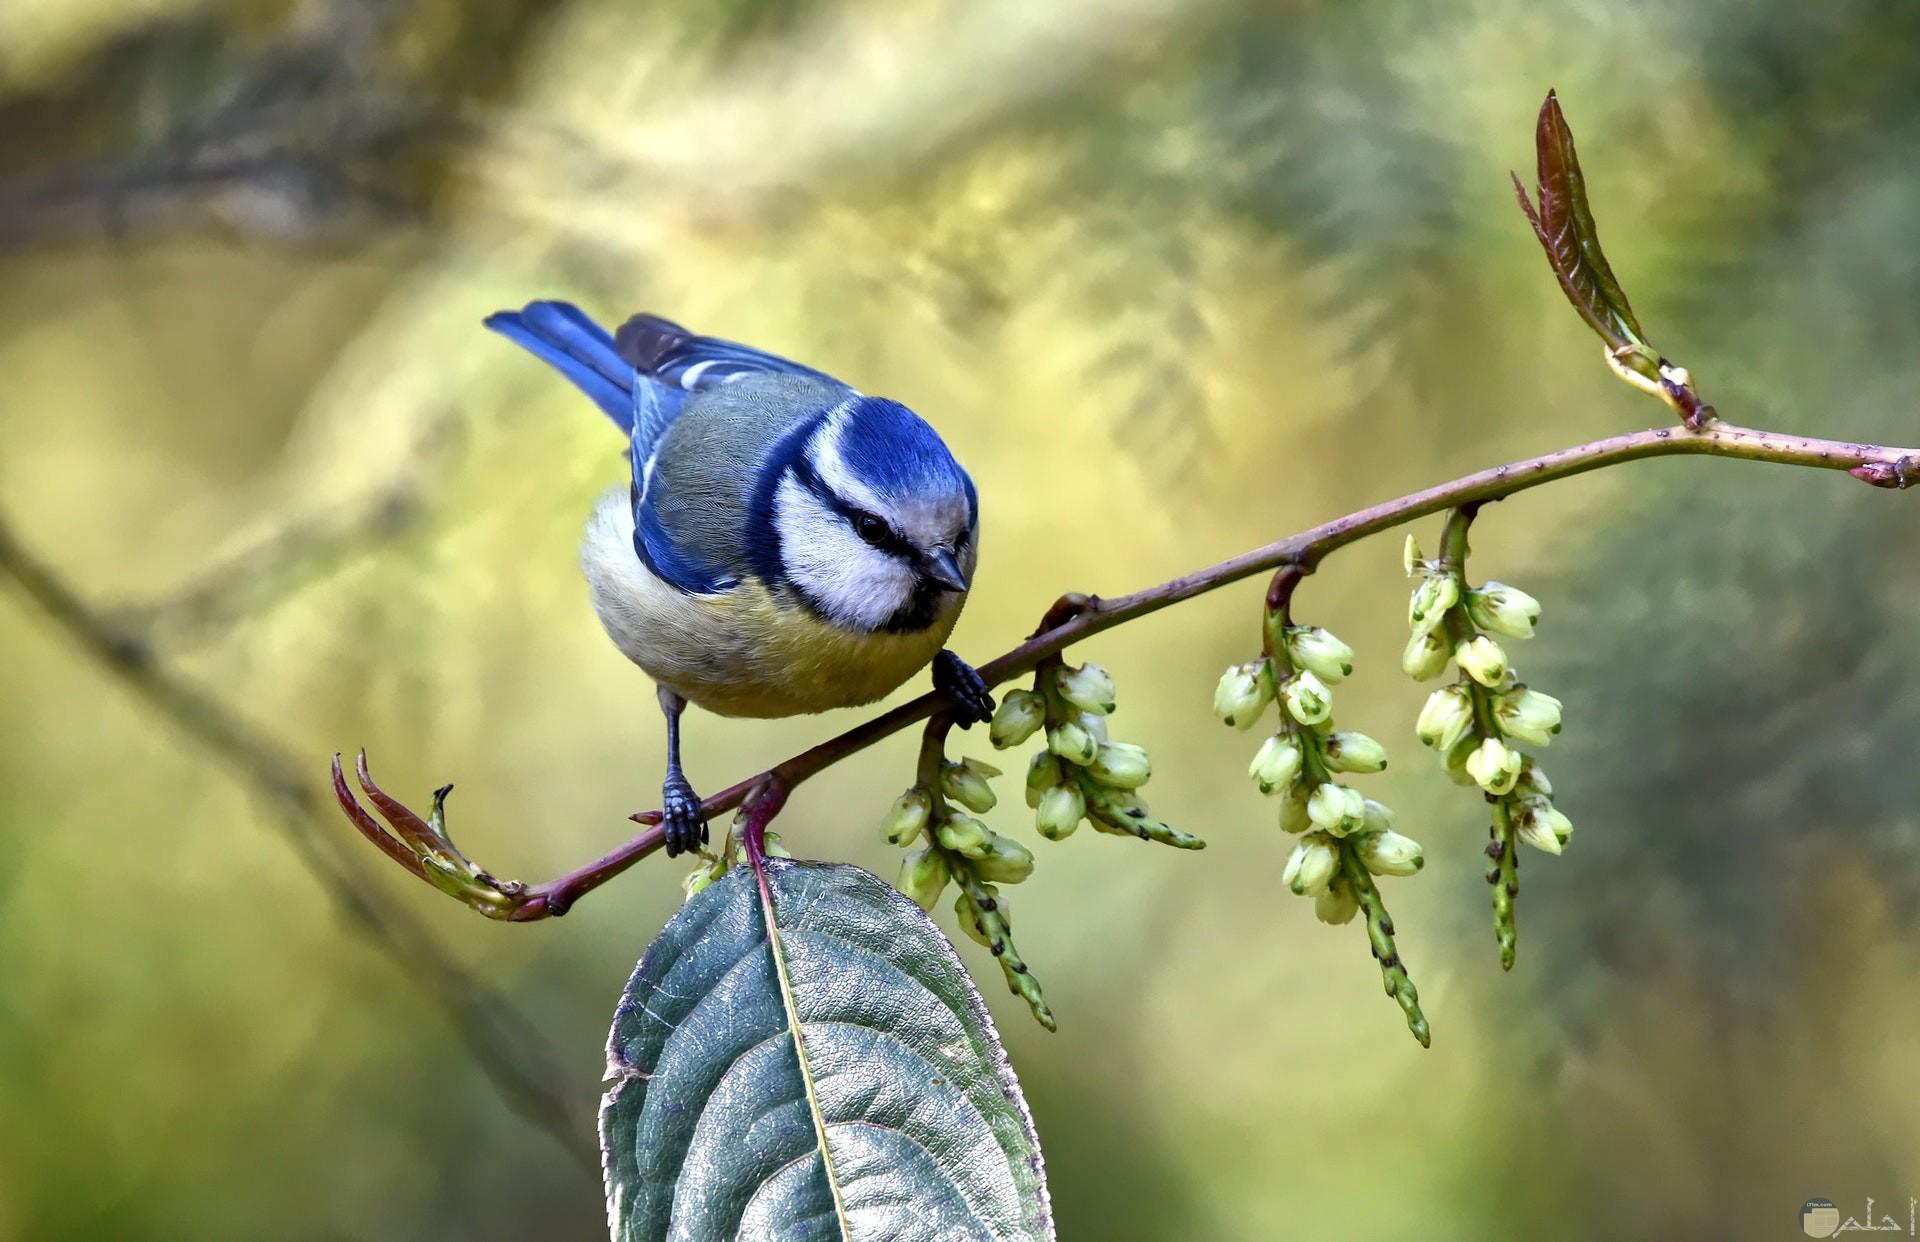 صورة جميلة جدا لطائر أزرق واقف علي غصن شجرة